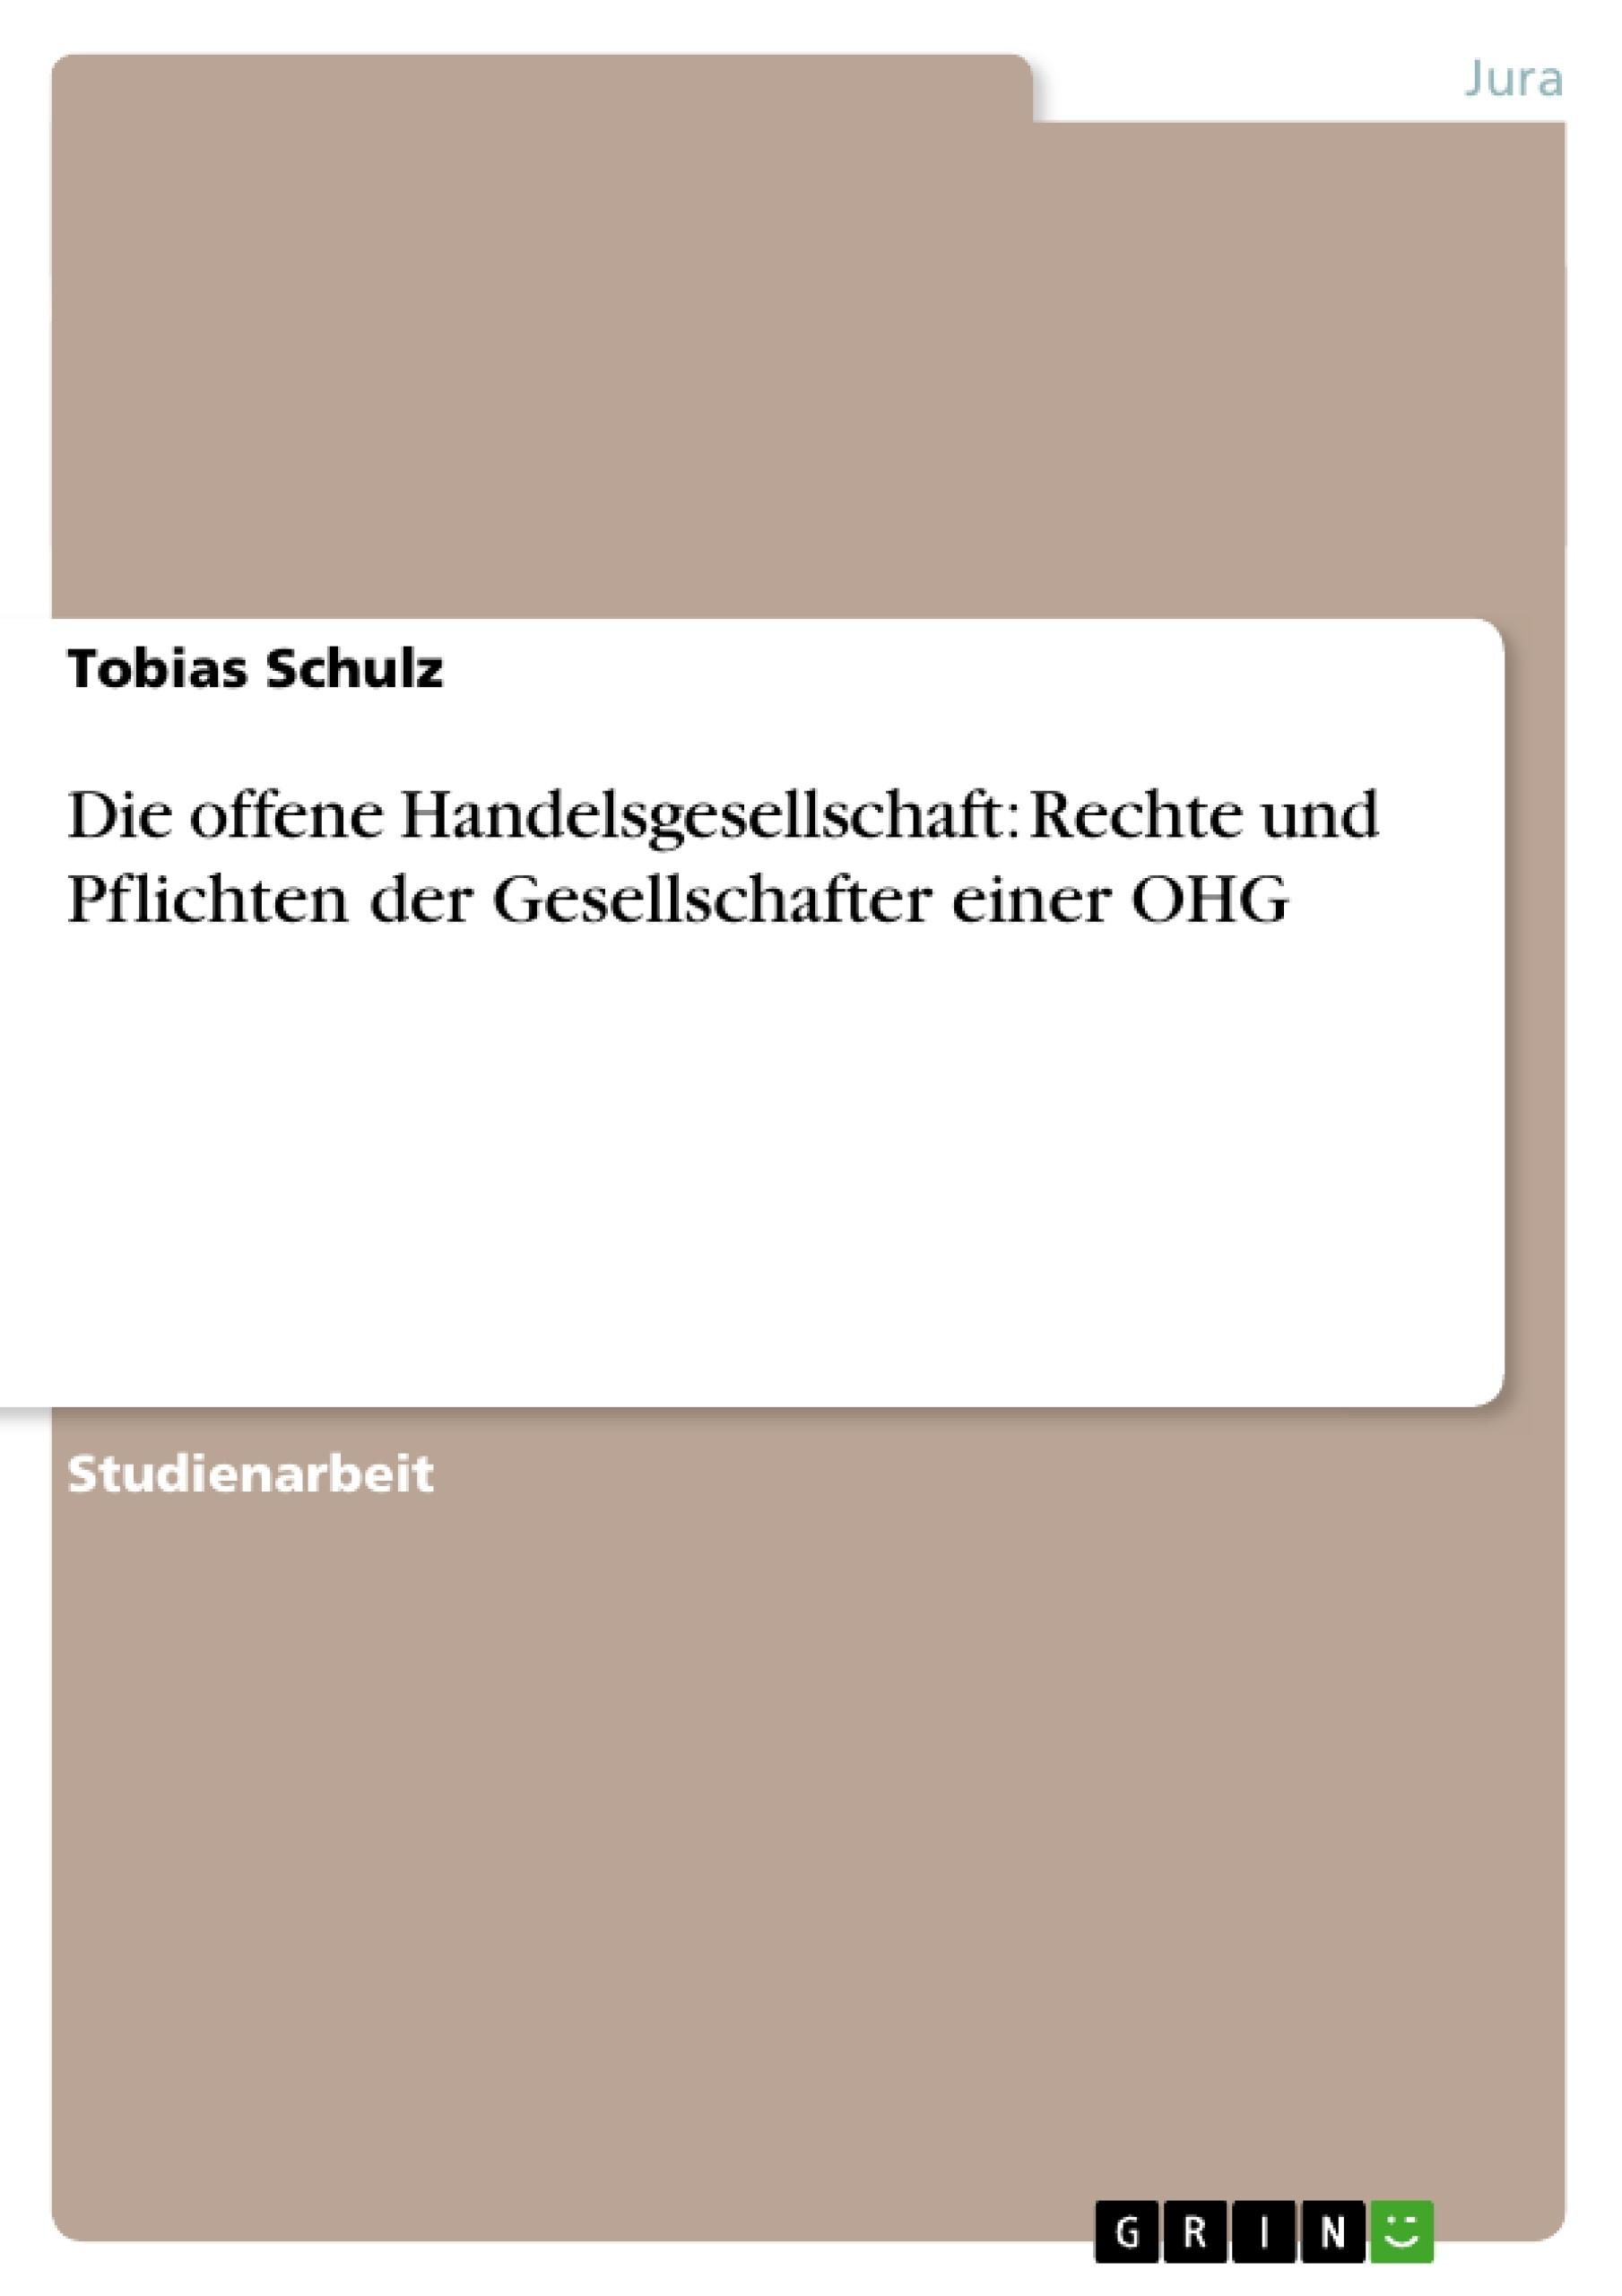 Titel: Die offene Handelsgesellschaft: Rechte und Pflichten der Gesellschafter einer OHG